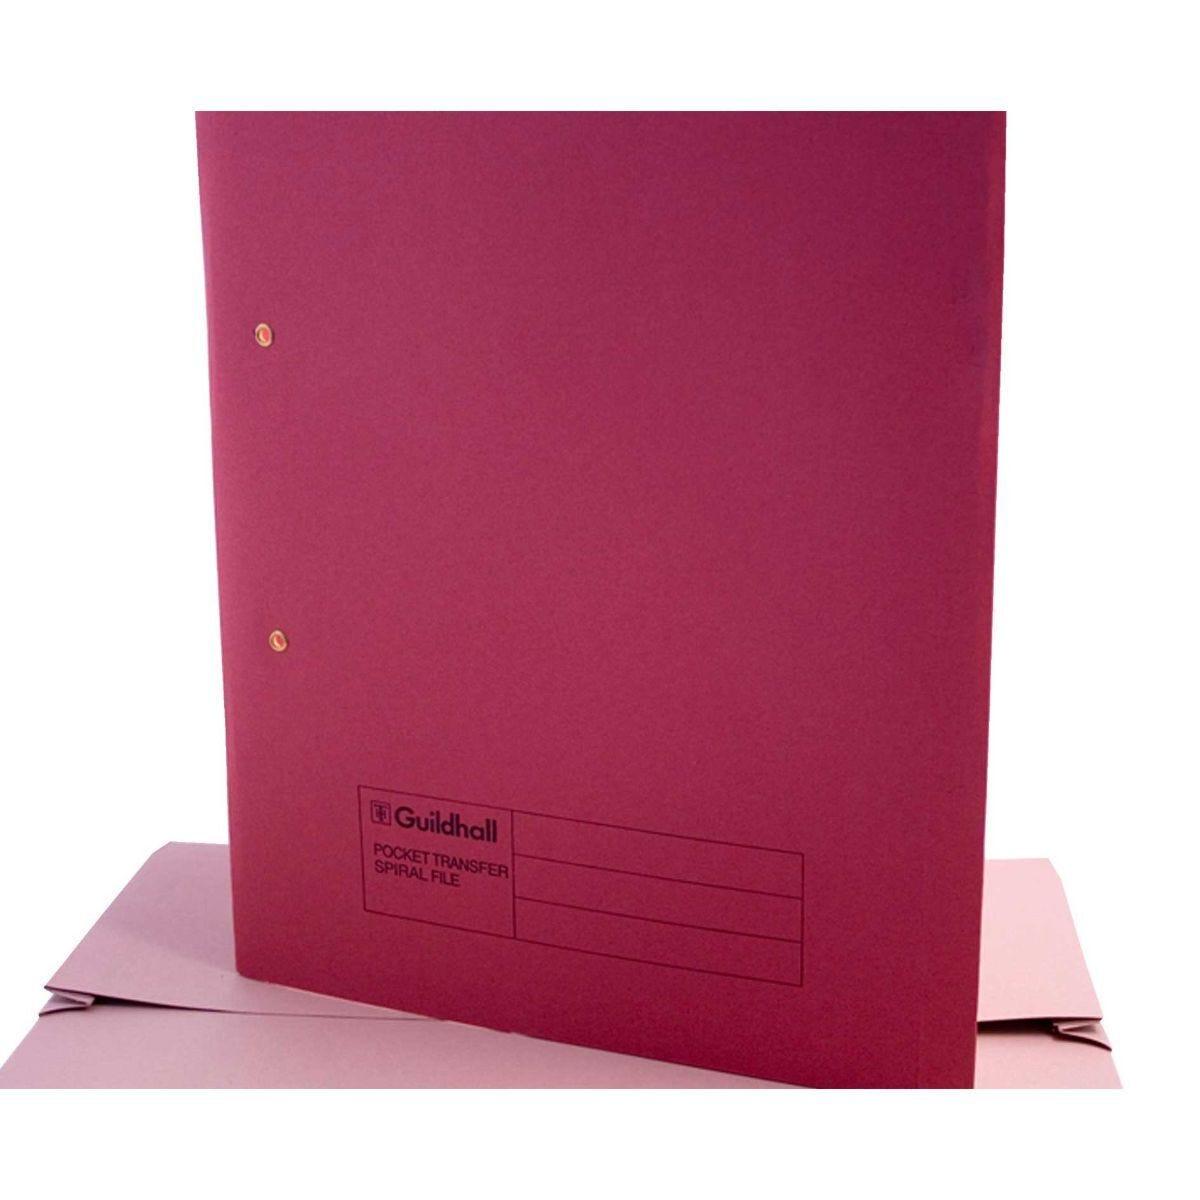 Pocket Transfer Spiral File Foolscap Pack of 25 Red